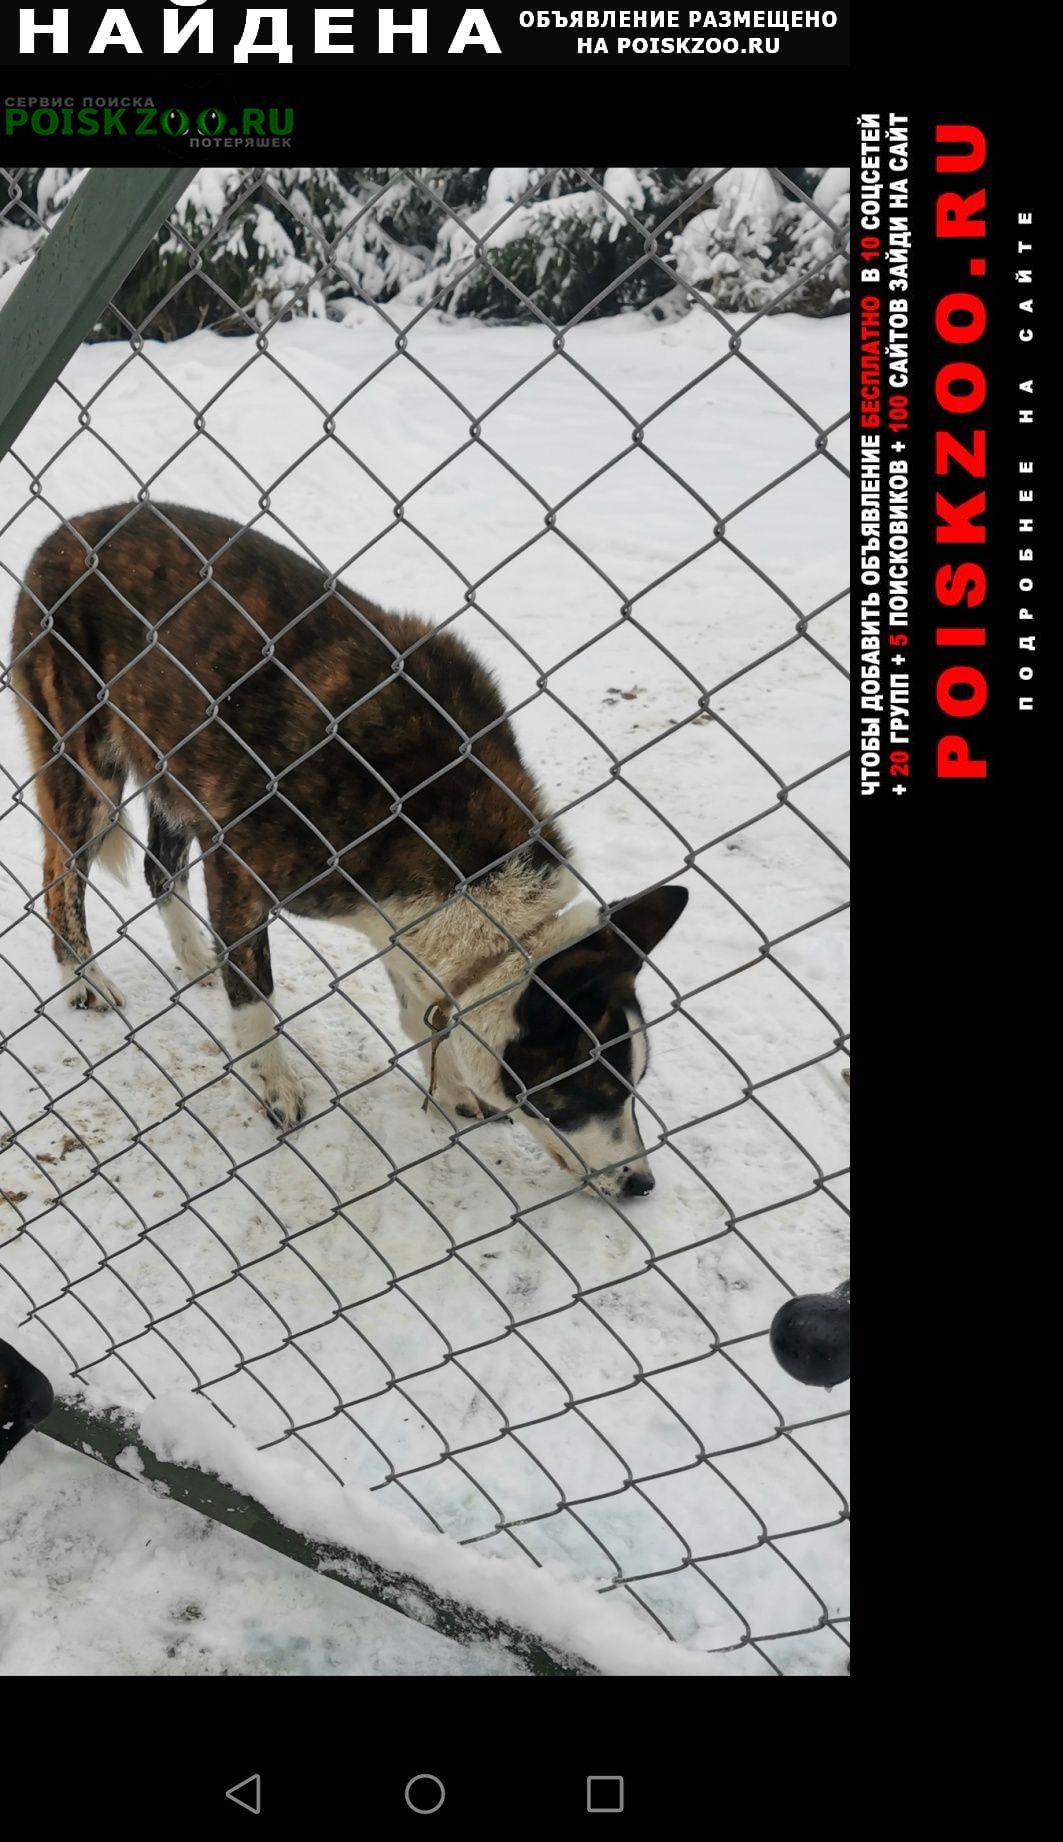 Найдена собака дер. ротково гатчинский район. Гатчина